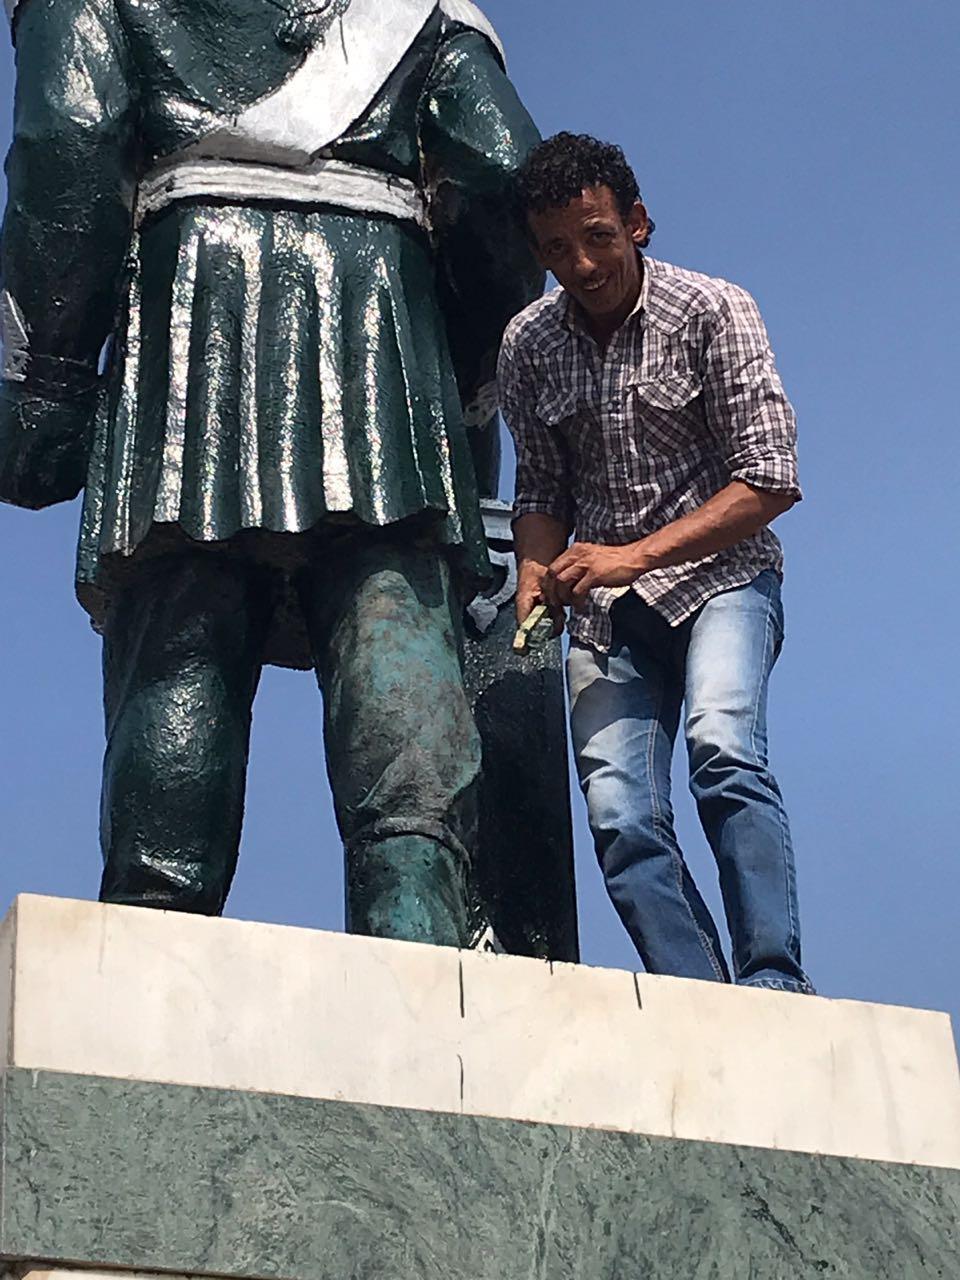 لجنة الثقافة تبدأ اعمالها لاعادة رونق تمثال الخديوى بالاسماعيلية